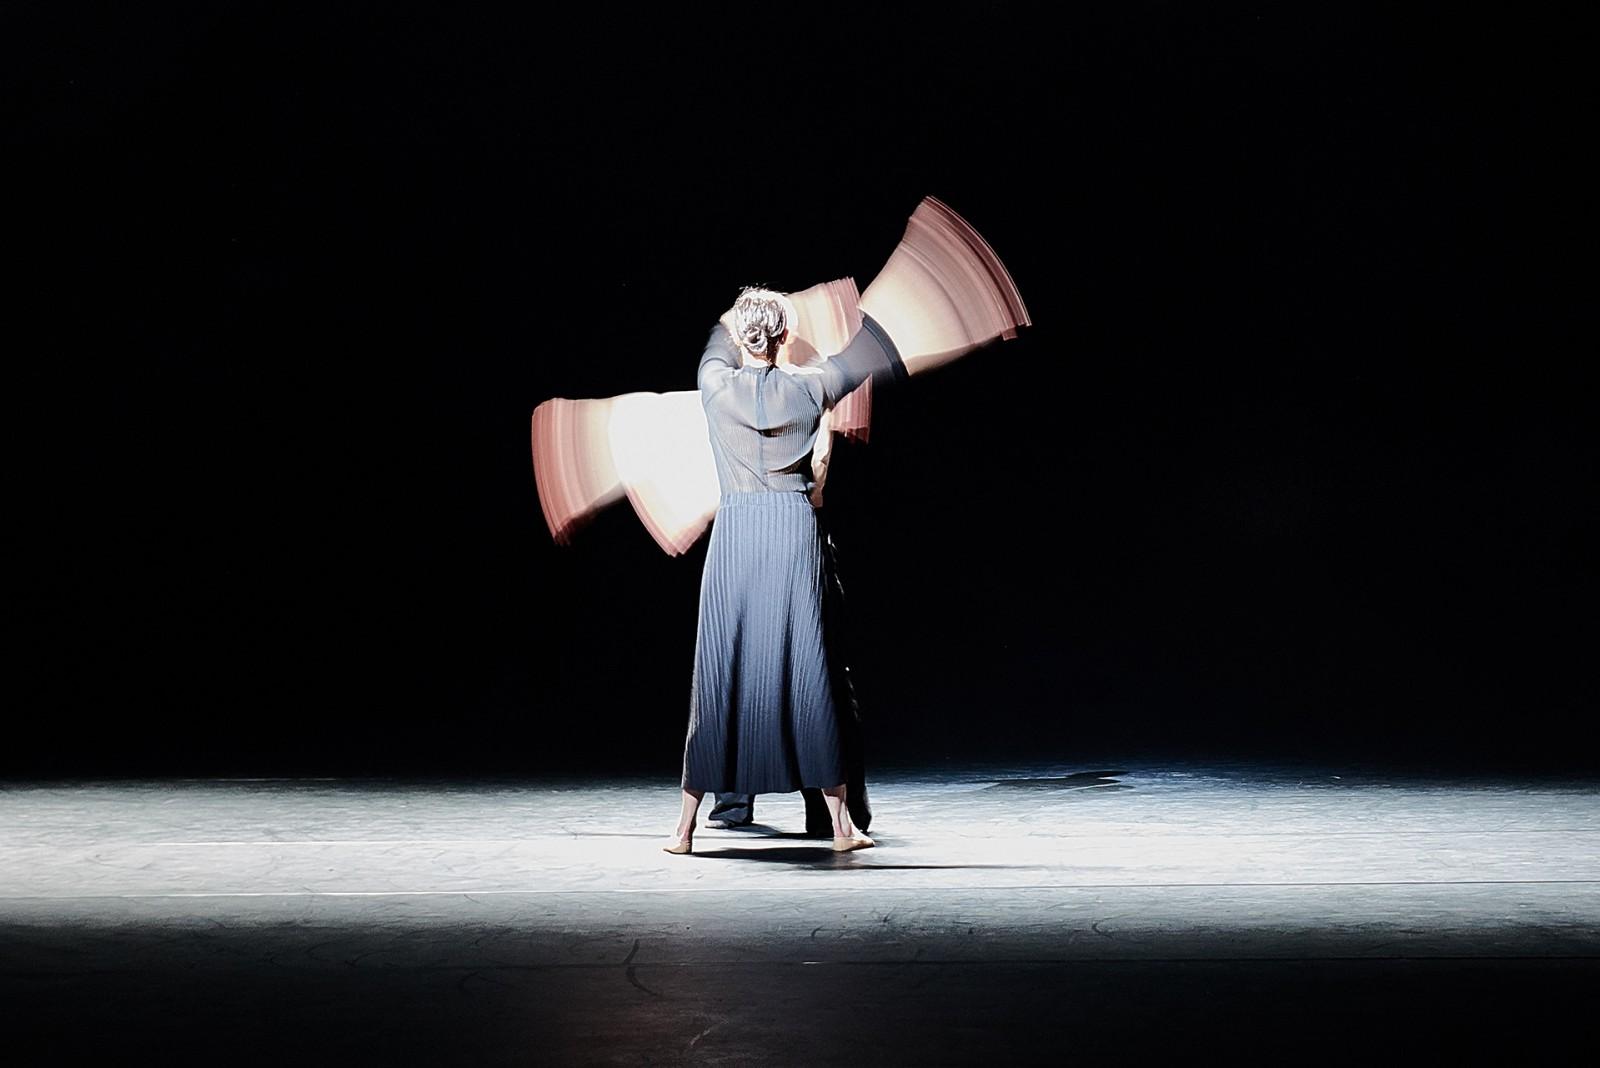 Igone de Jongh & Guido Dutilh ©Peter Bilak https://make-move-think.org/